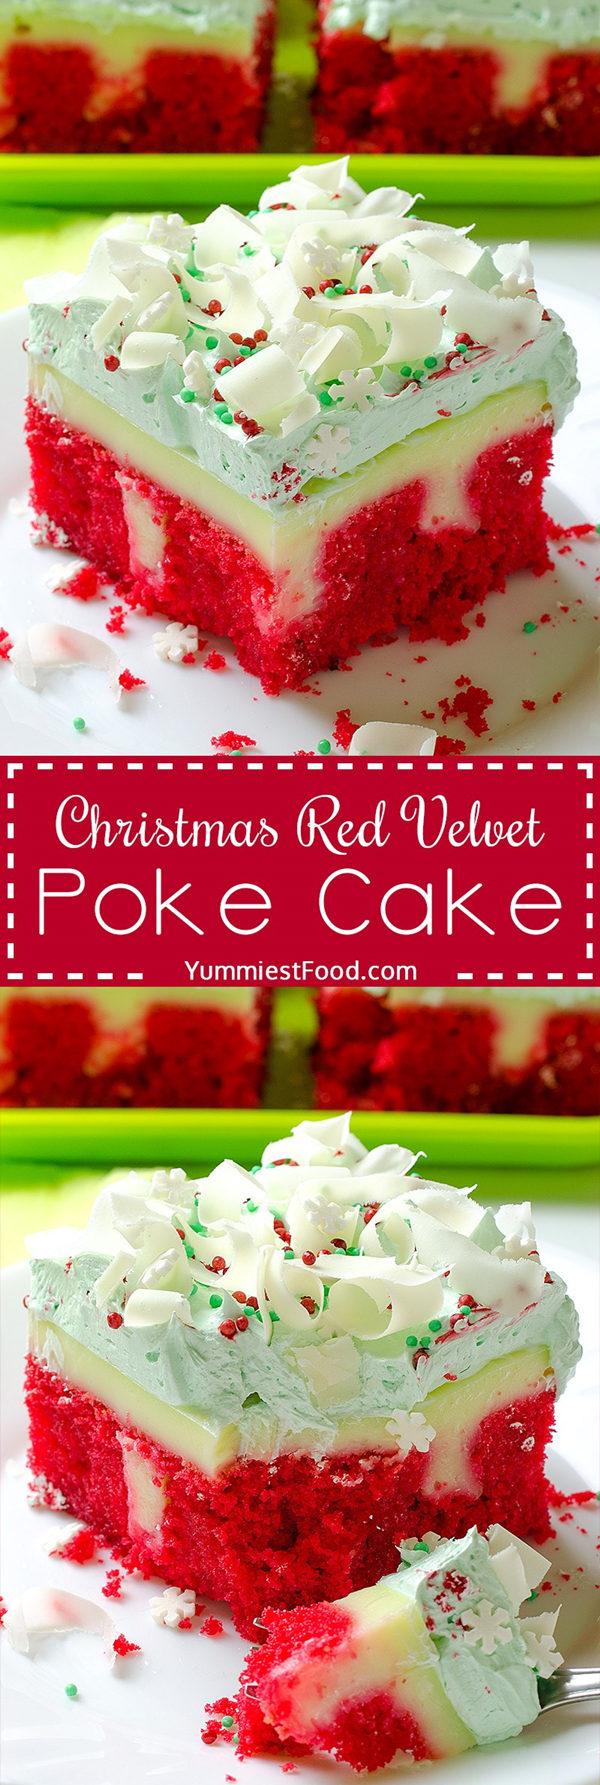 Christmas Red Velvet Poke Cake Recipe